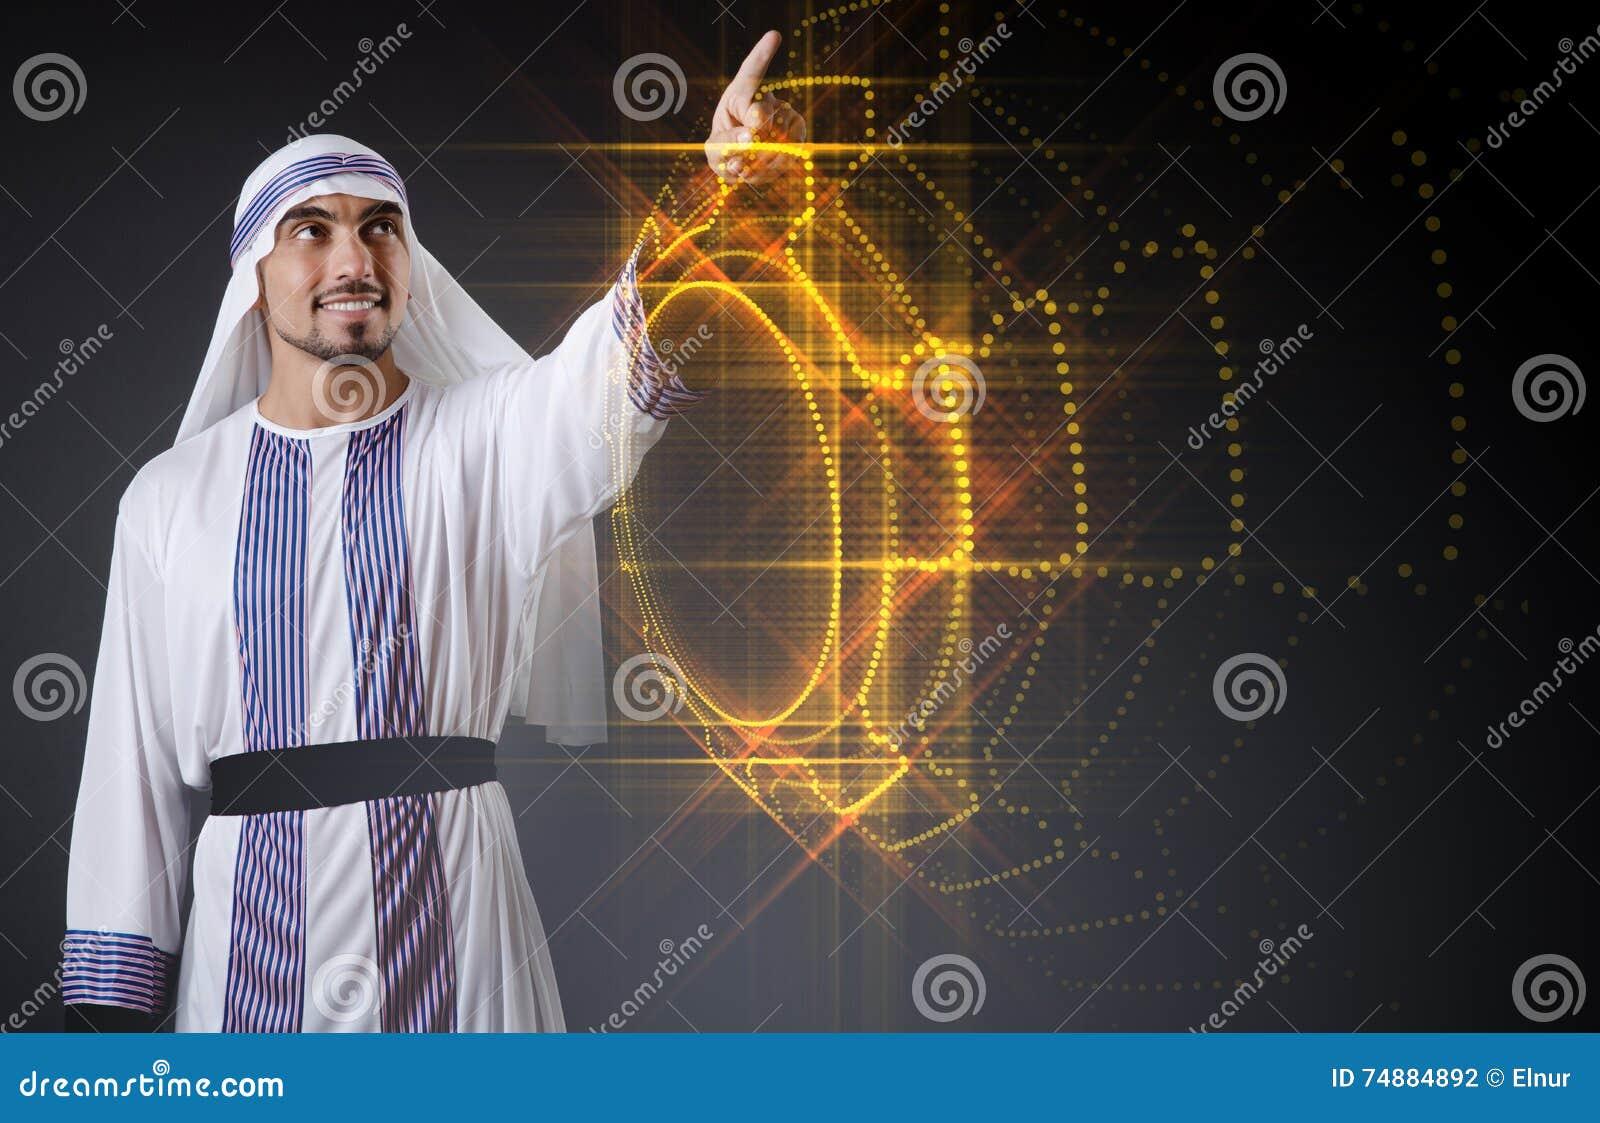 O homem árabe que pressiona botões virtuais no conceito futurista